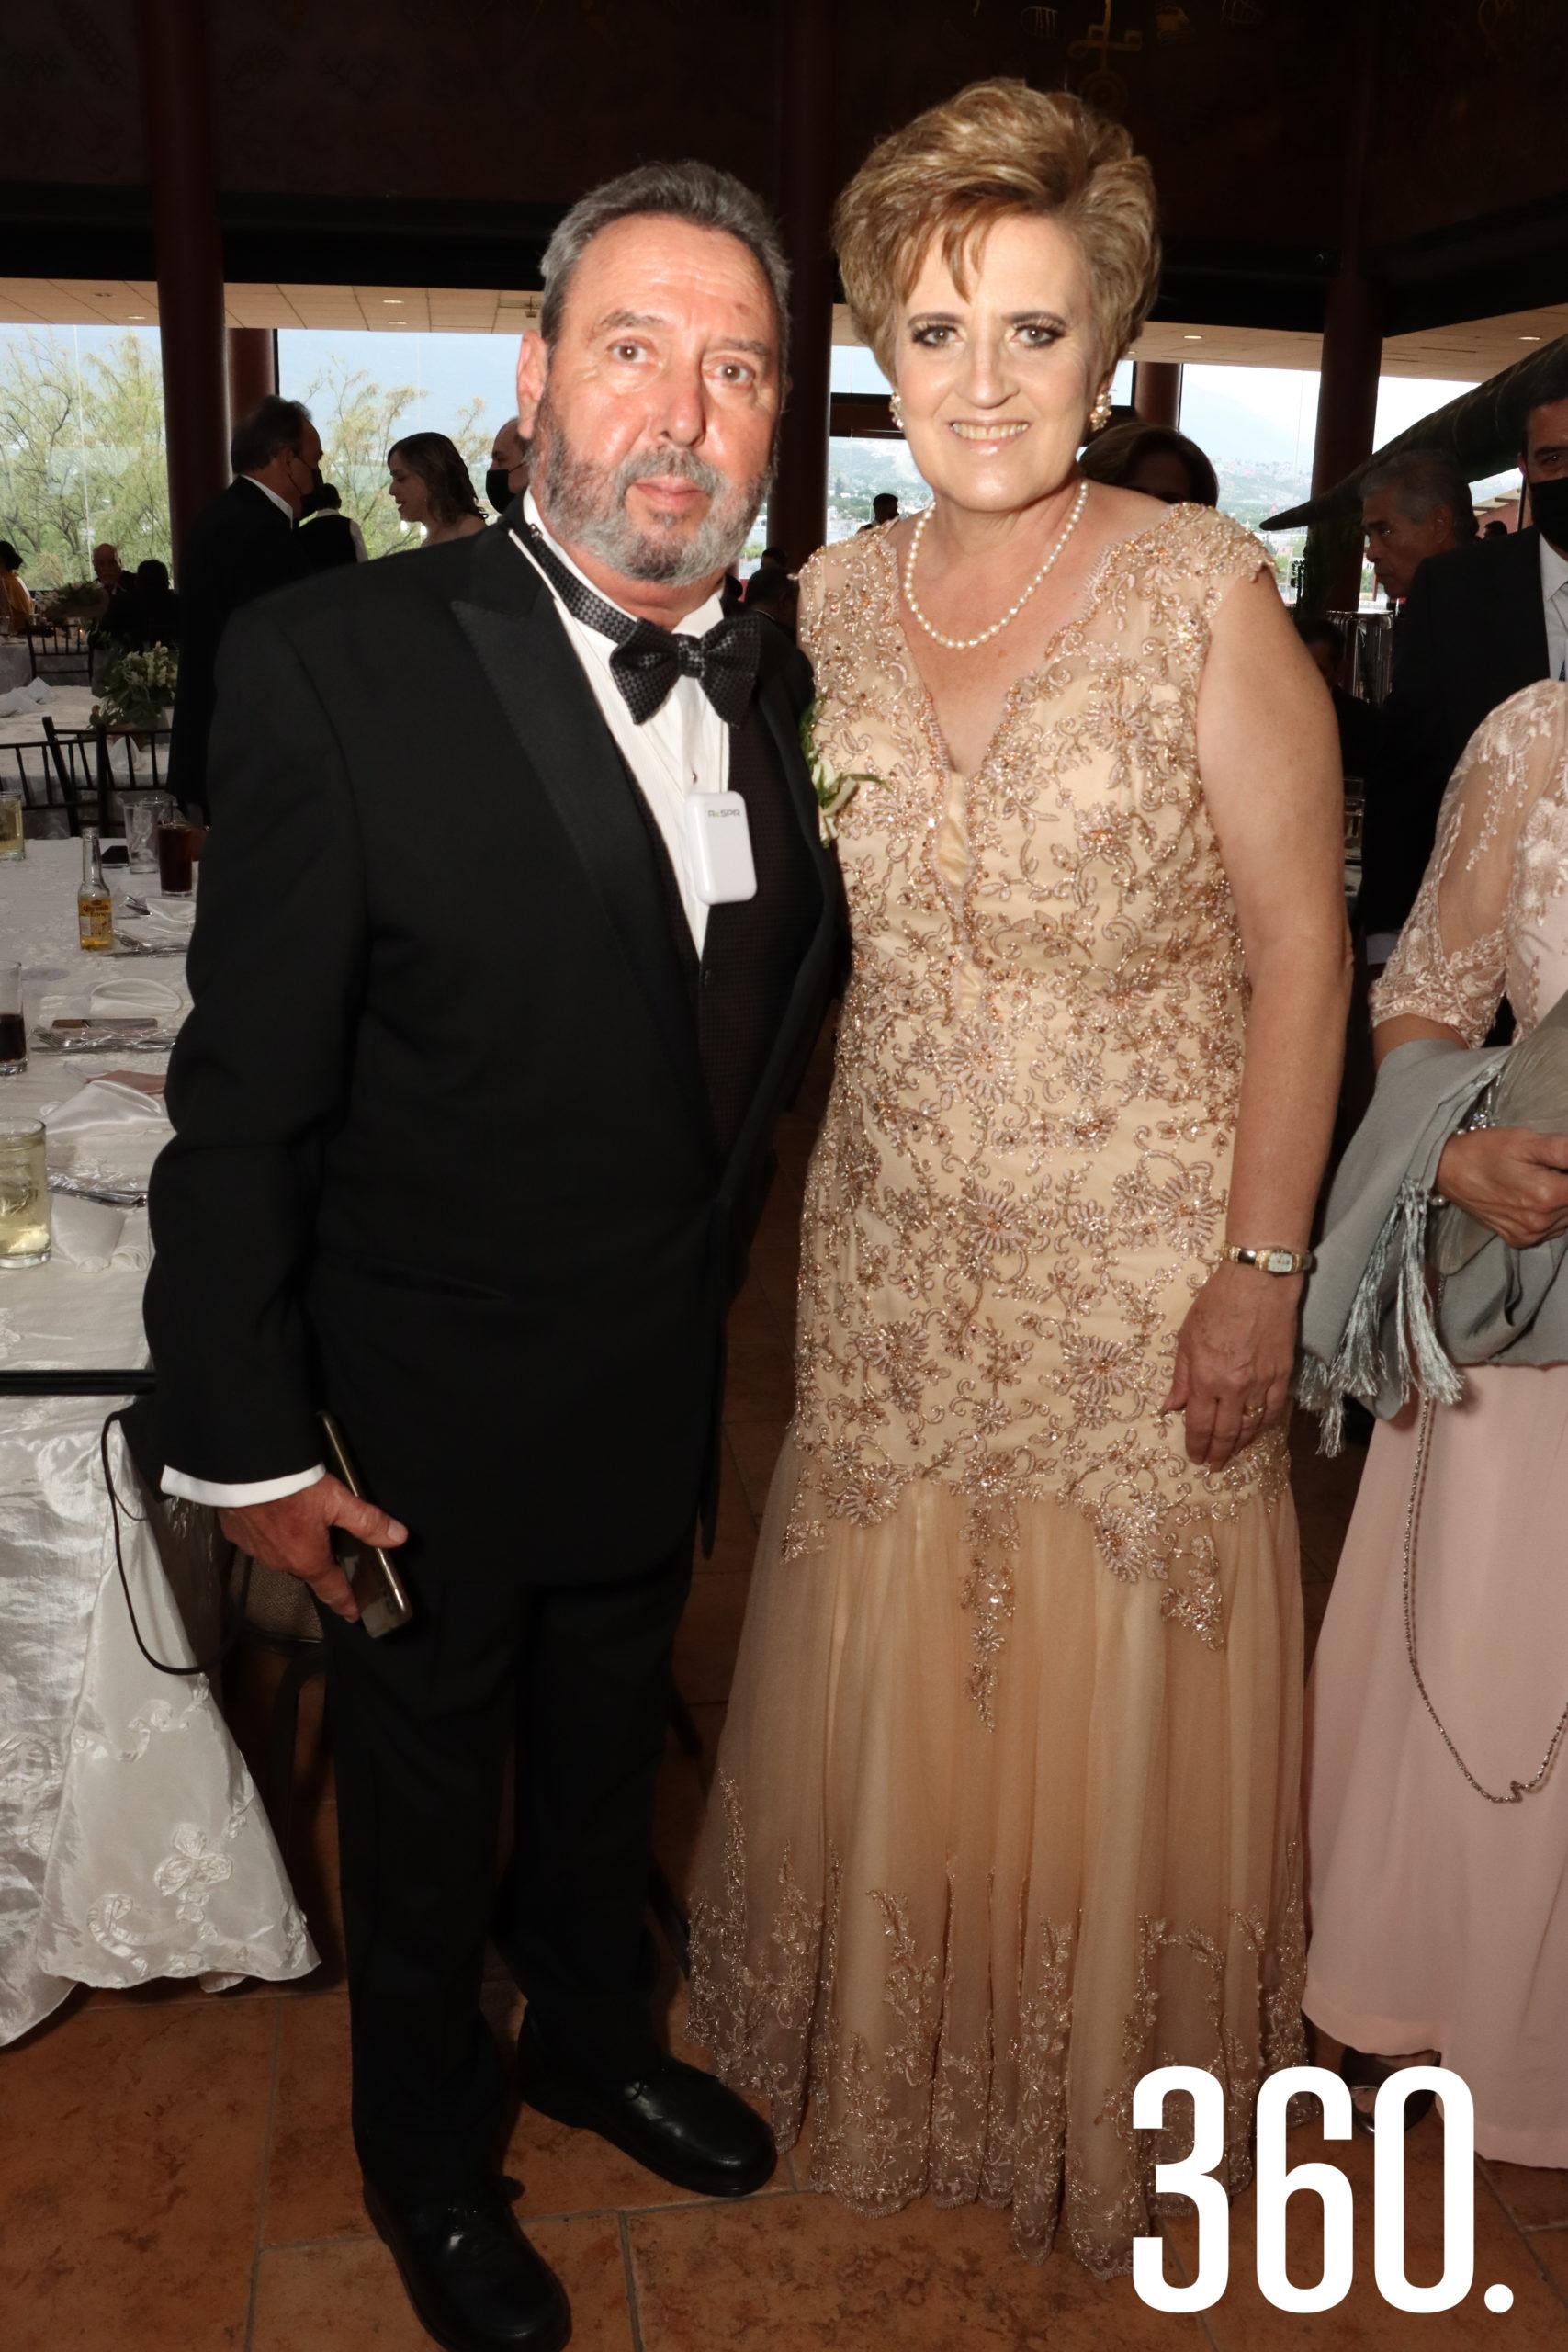 Gerardo Villalobos Alvarado y Gina Rodríguez de Villalobos, padres del novio.